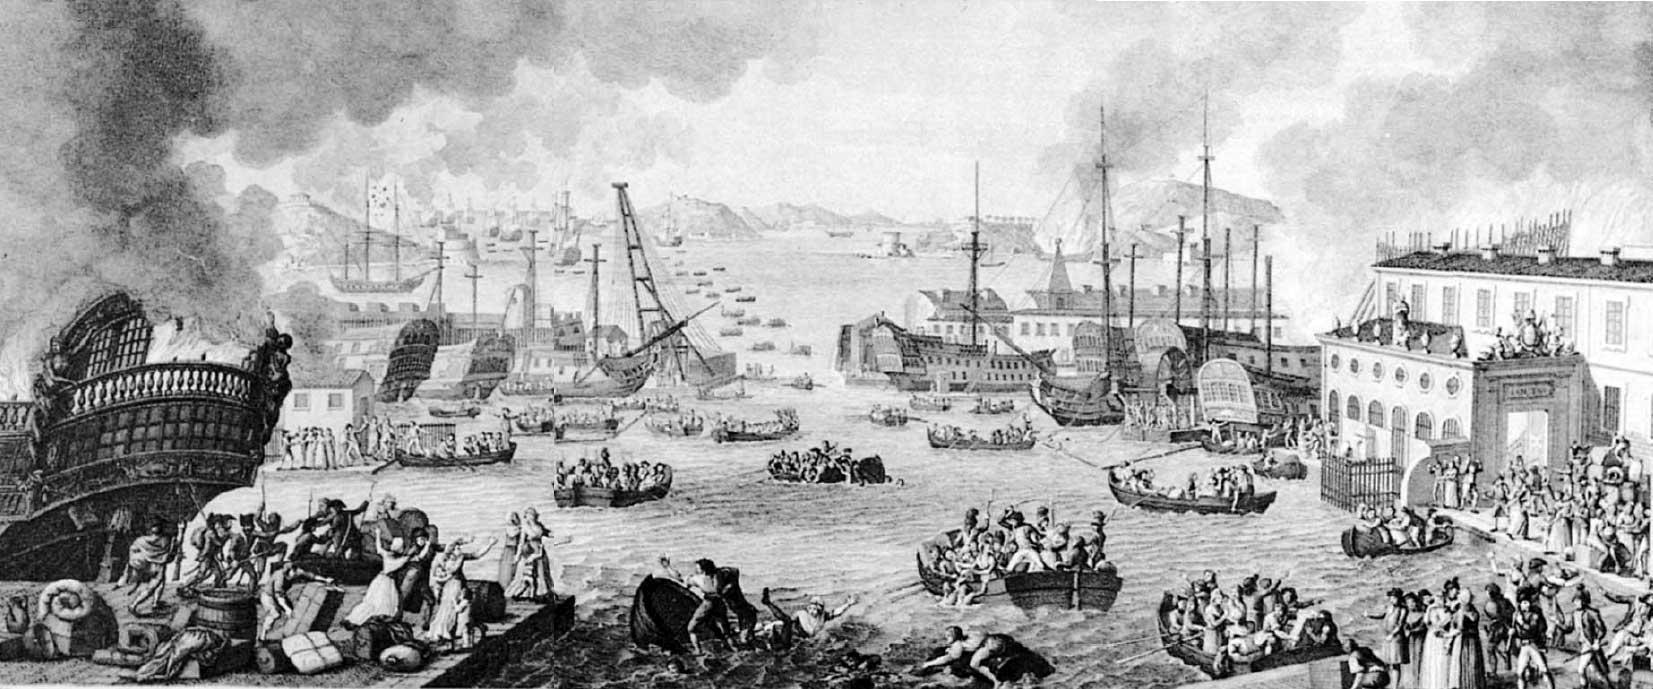 Vista de la evacuación de Tolón el 18 de diciembre de 1793